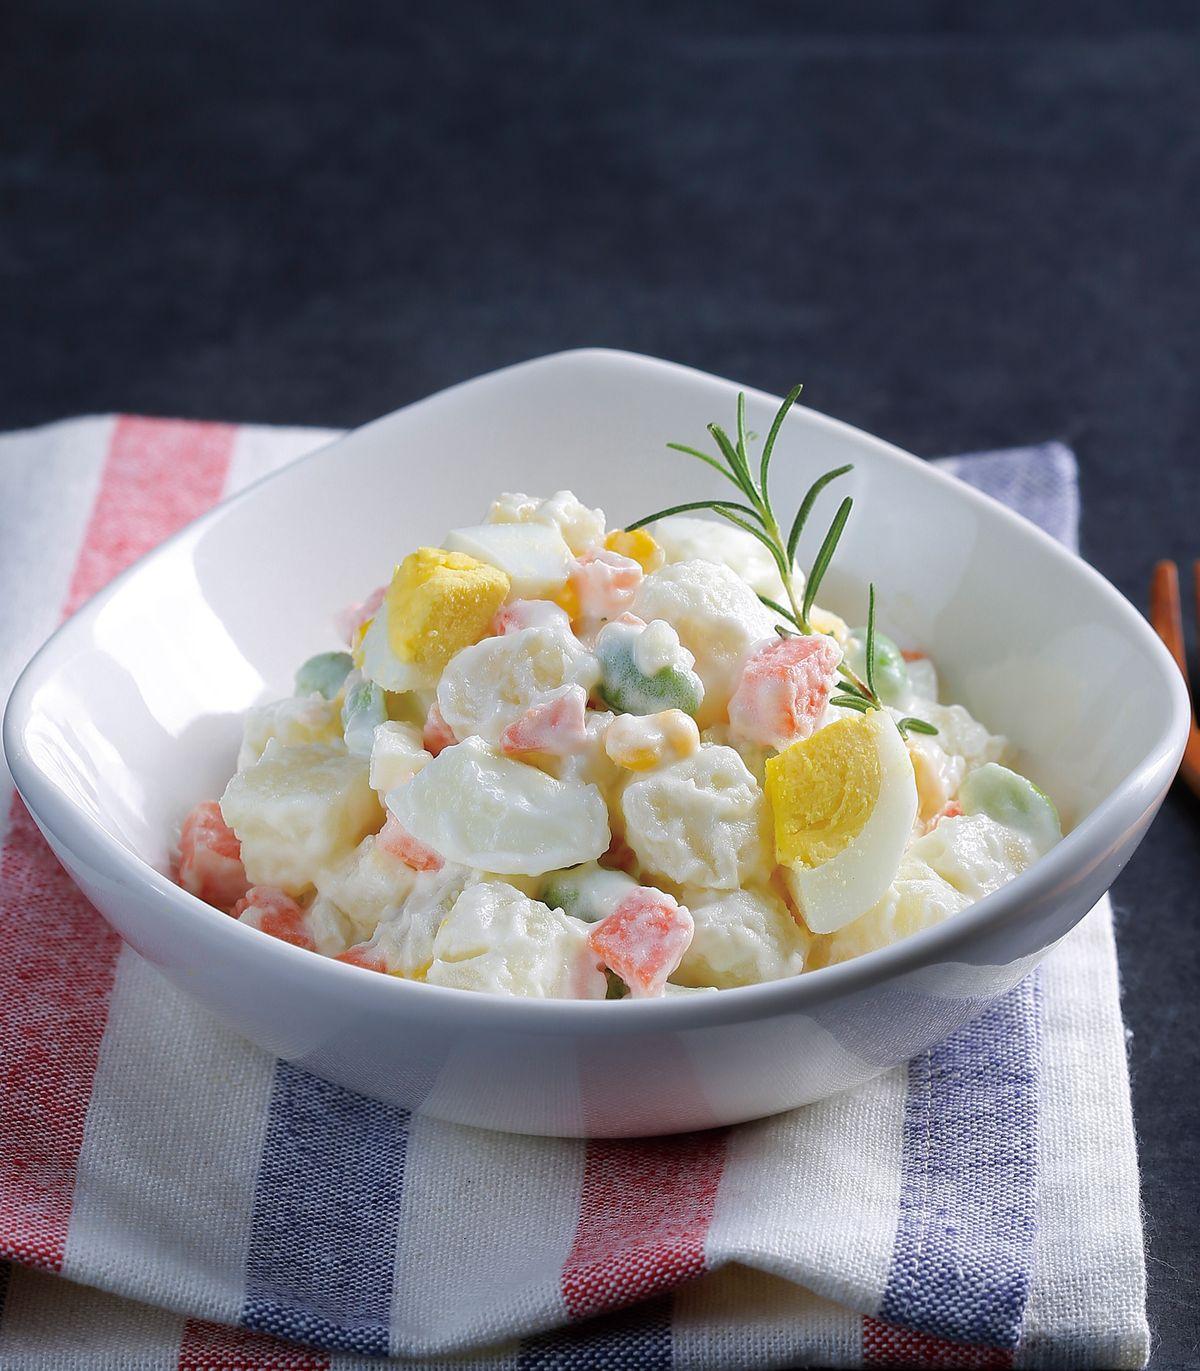 食譜:雞蛋馬鈴薯沙拉